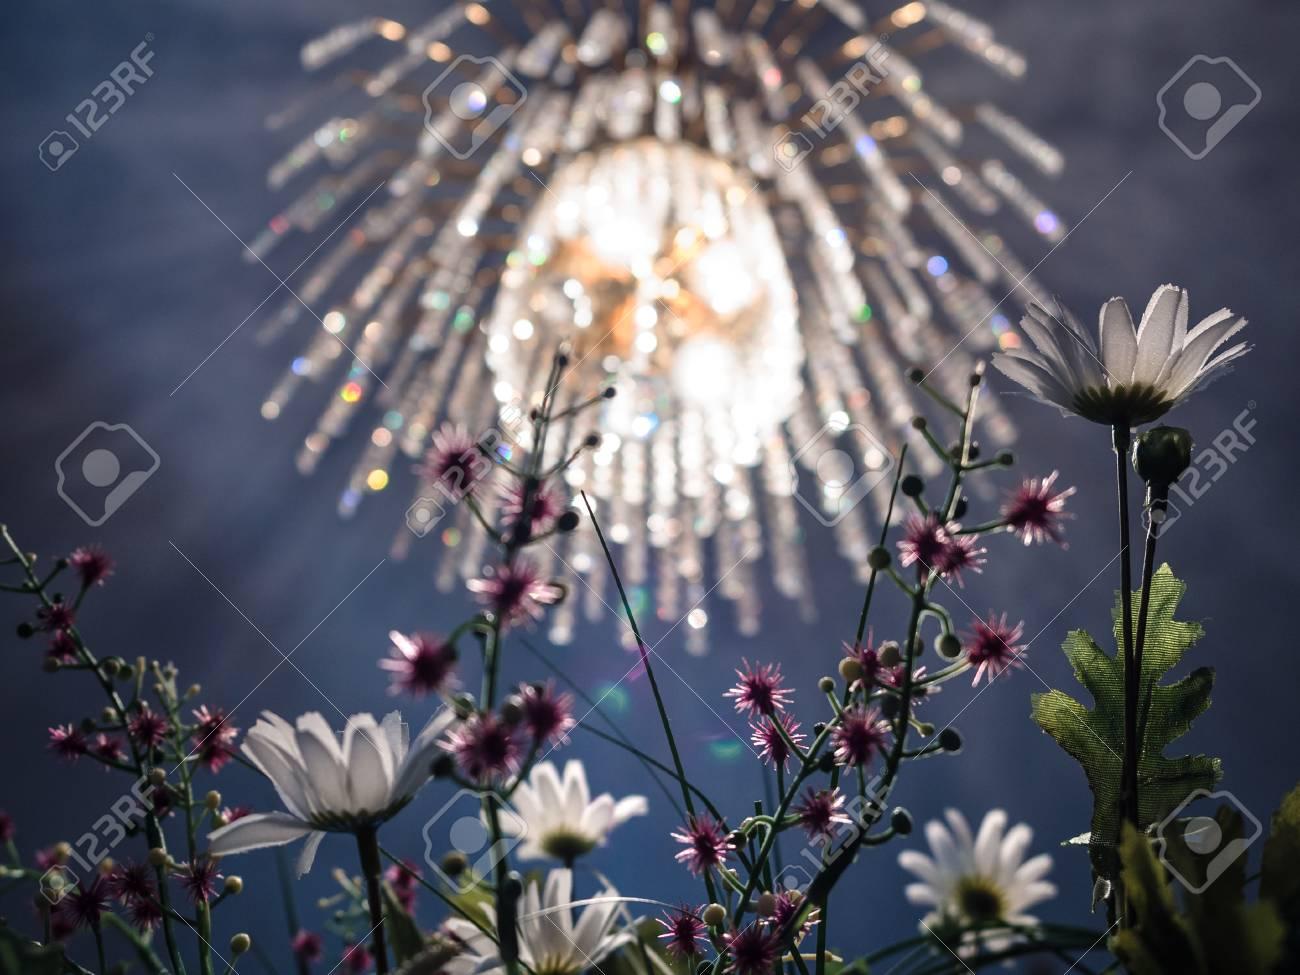 Kronleuchter Mit Blumen ~ Kristall kronleuchter mit goldenem licht und künstlichen blumen